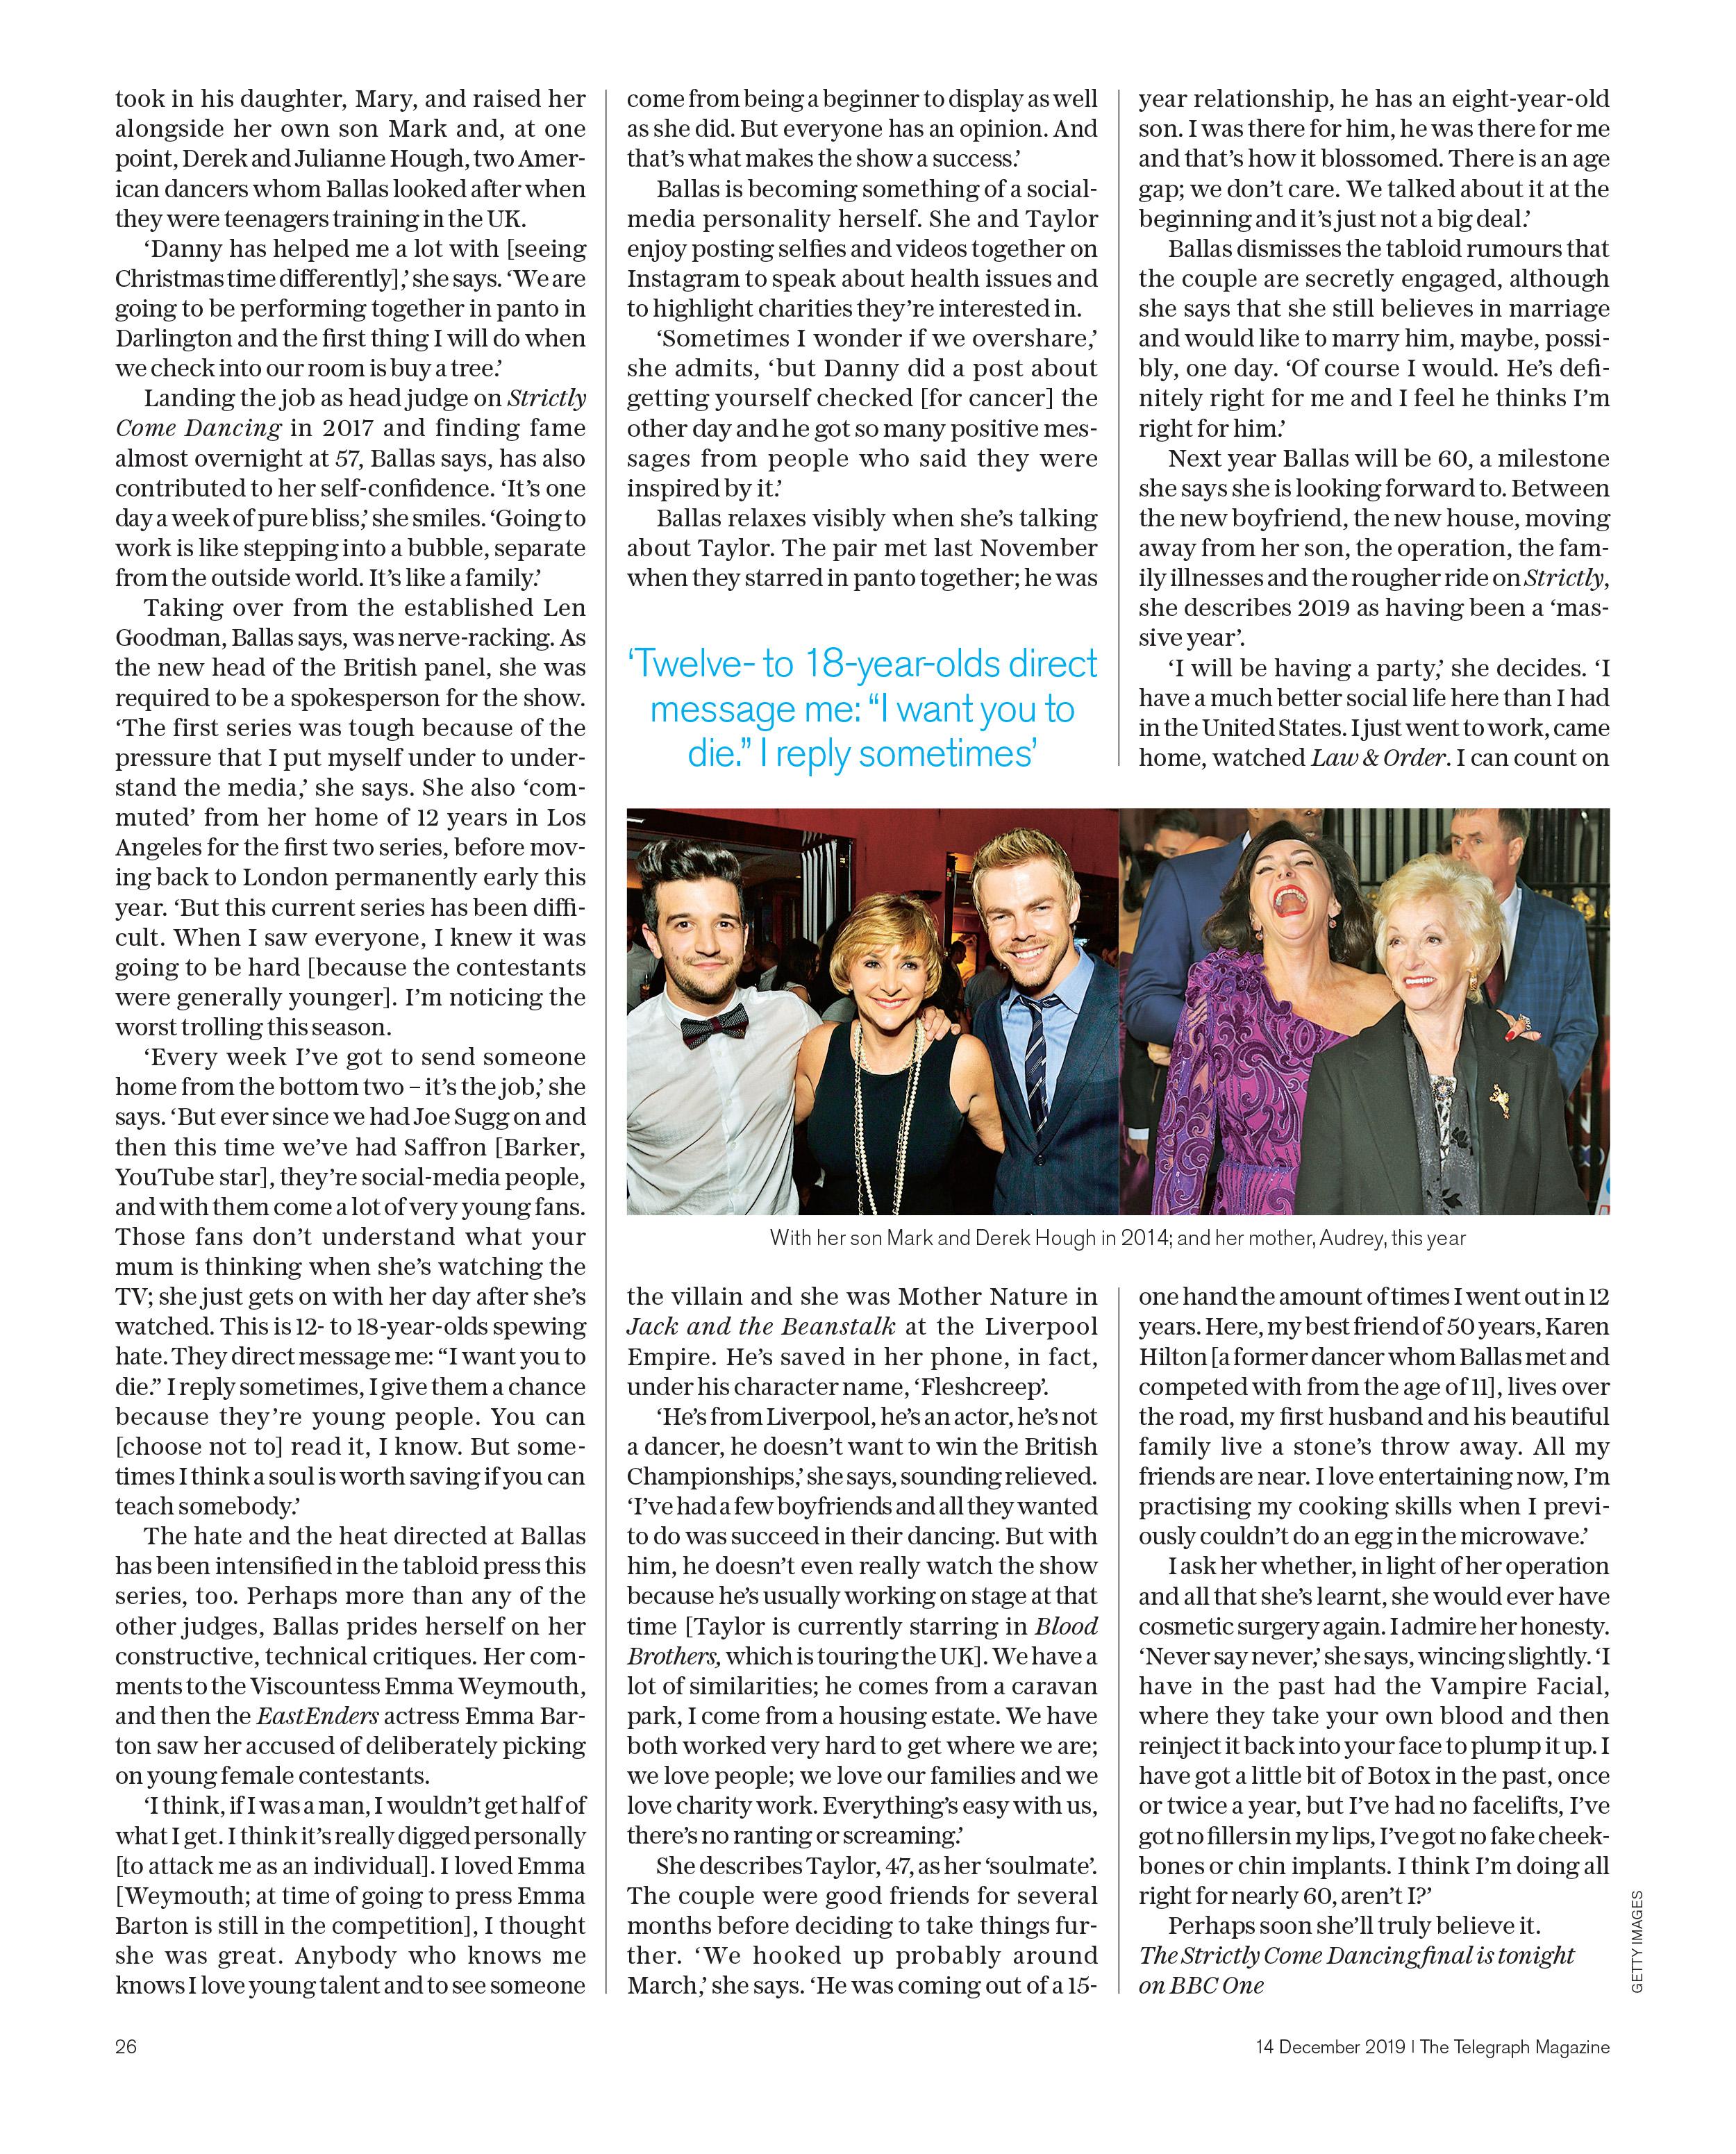 SHIRLEYFINDaily Telegraph Magazine_14-12-2019_Main_1st_p26